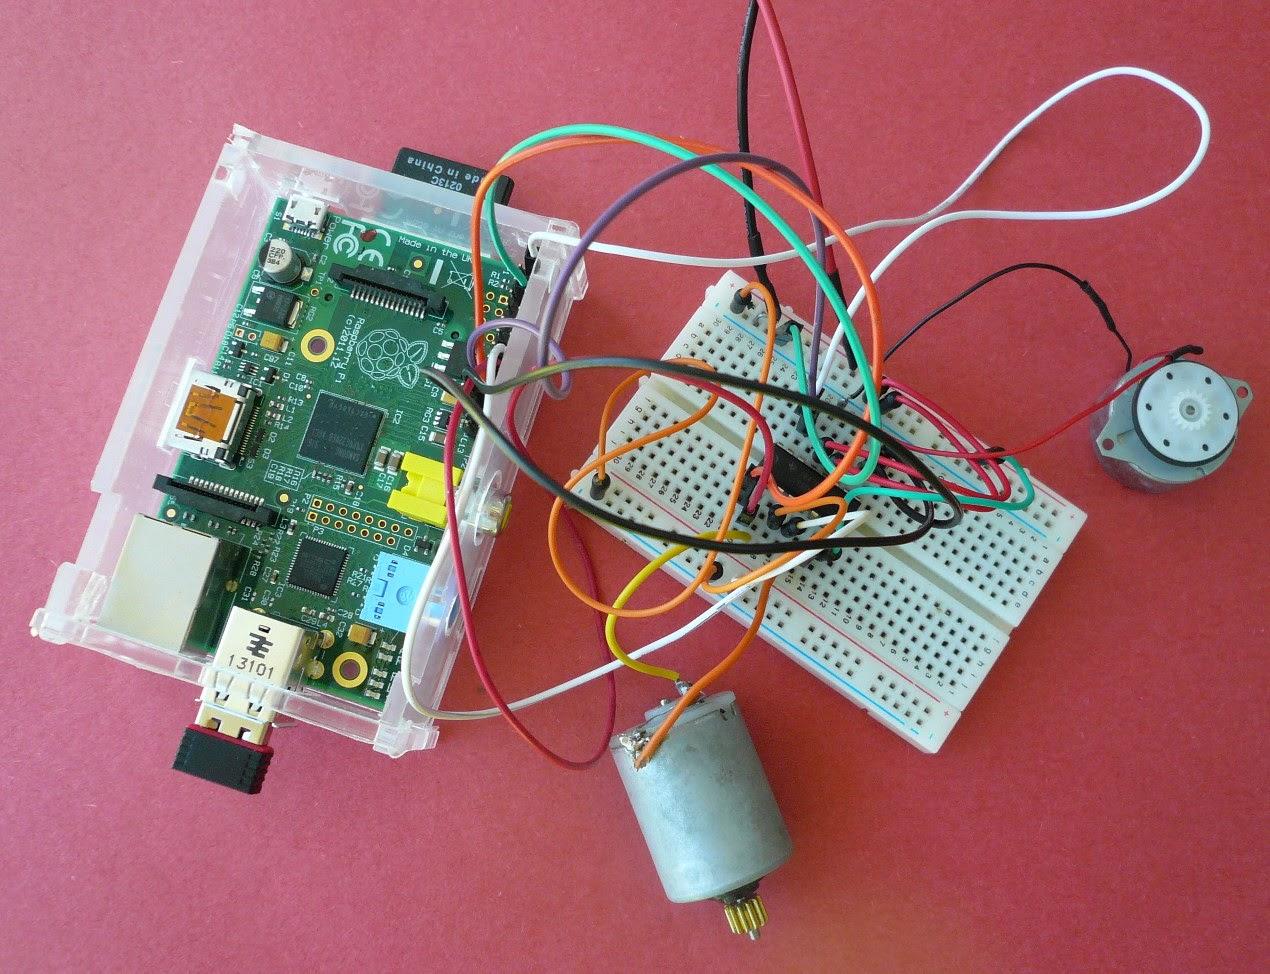 u00c9lectronique en amateur  contr u00f4ler un moteur dc en python avec le raspberry pi